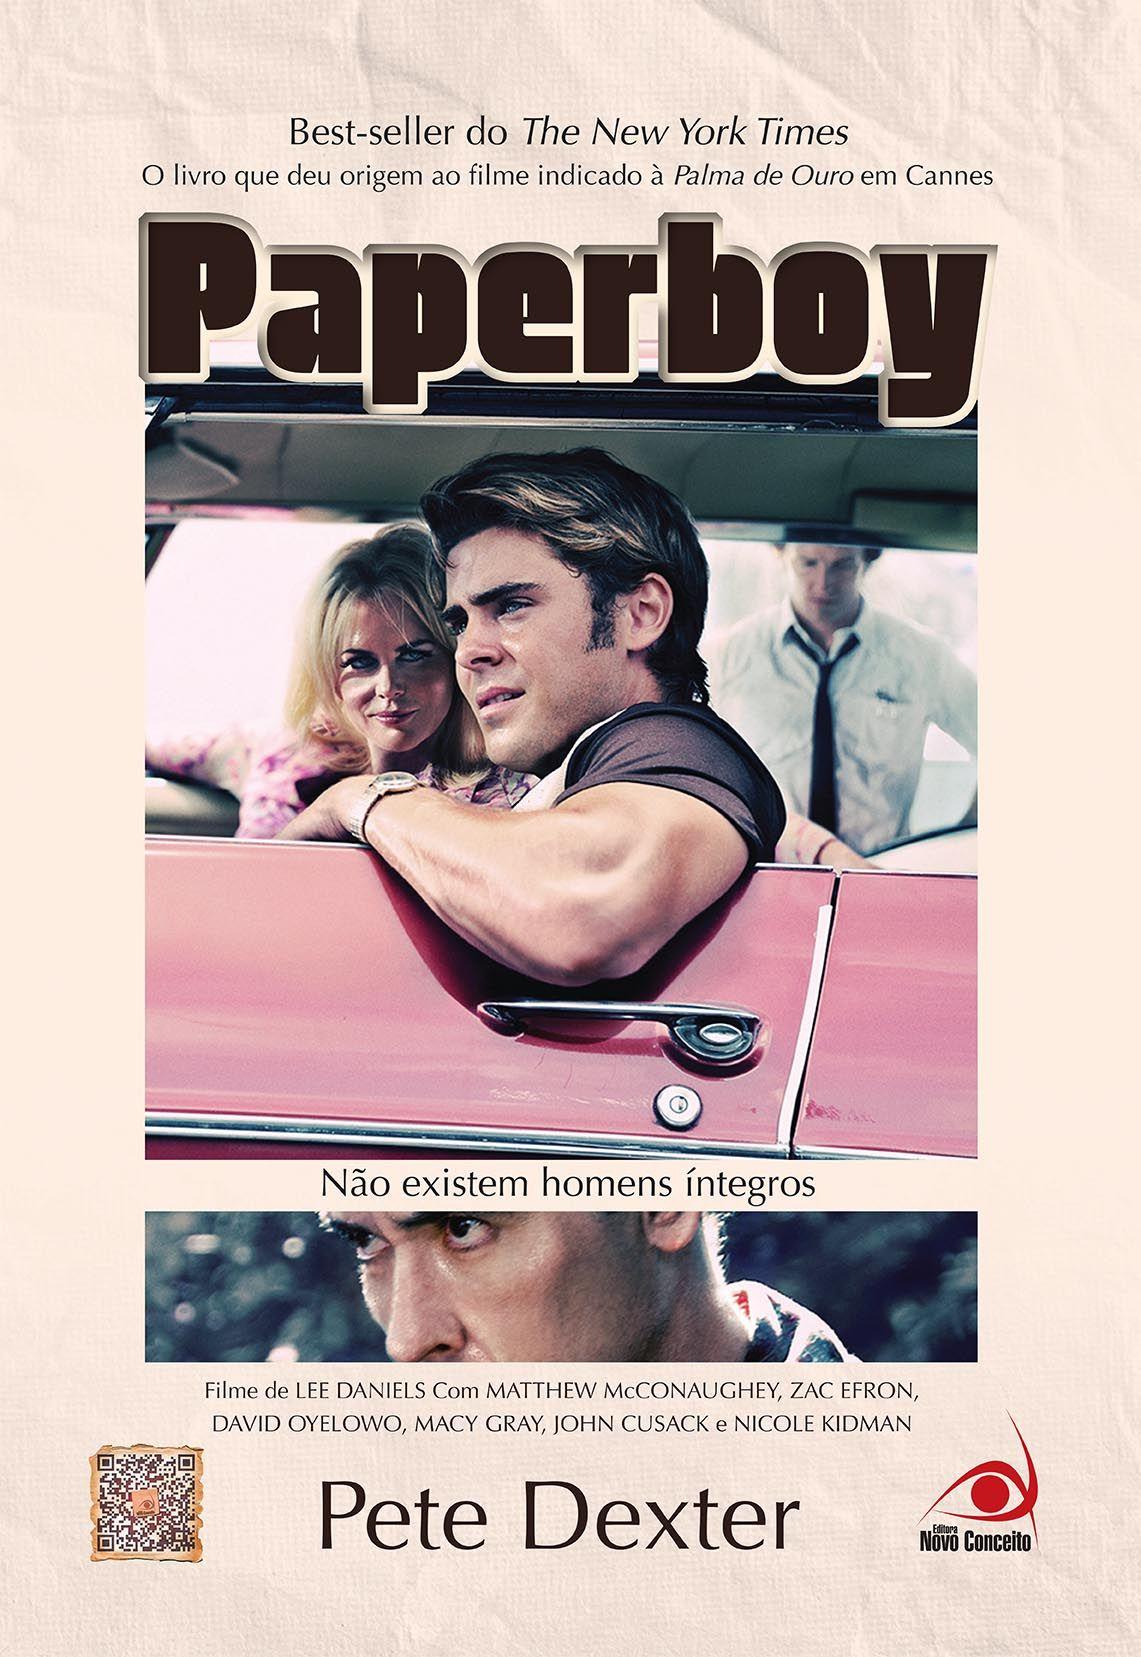 Um ótimo livro, e o filme vem ai com o Título de obsessão, vou assistir!!!